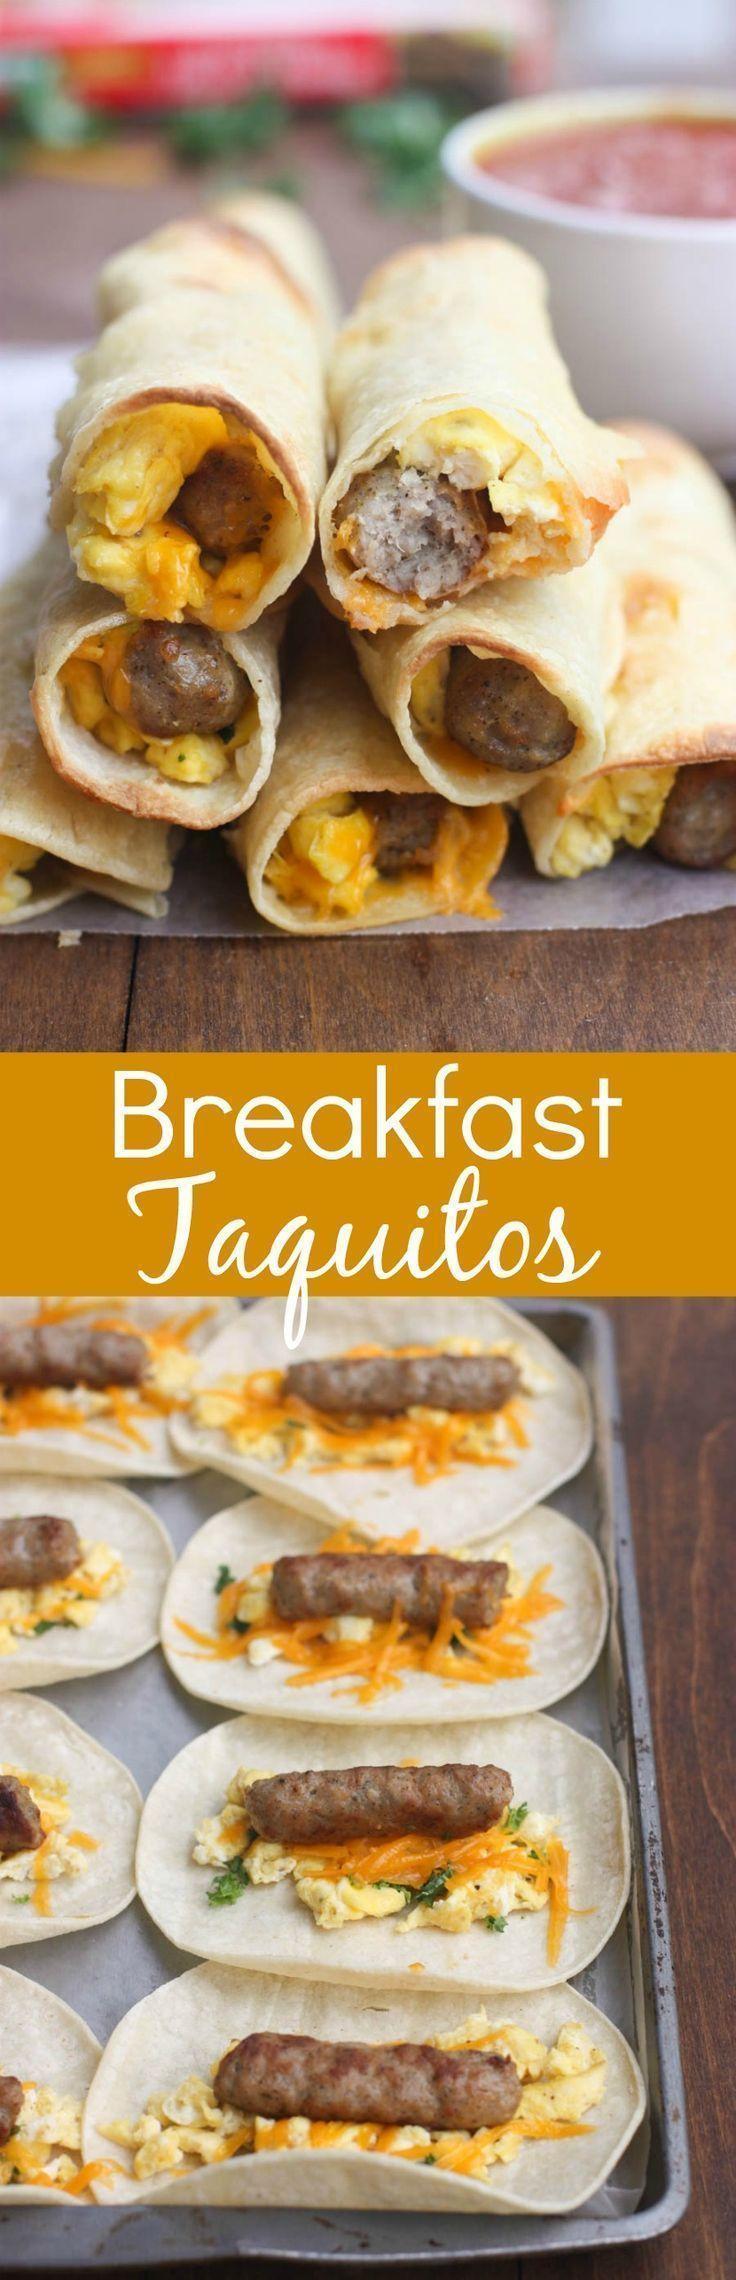 Breakfast Taquitos